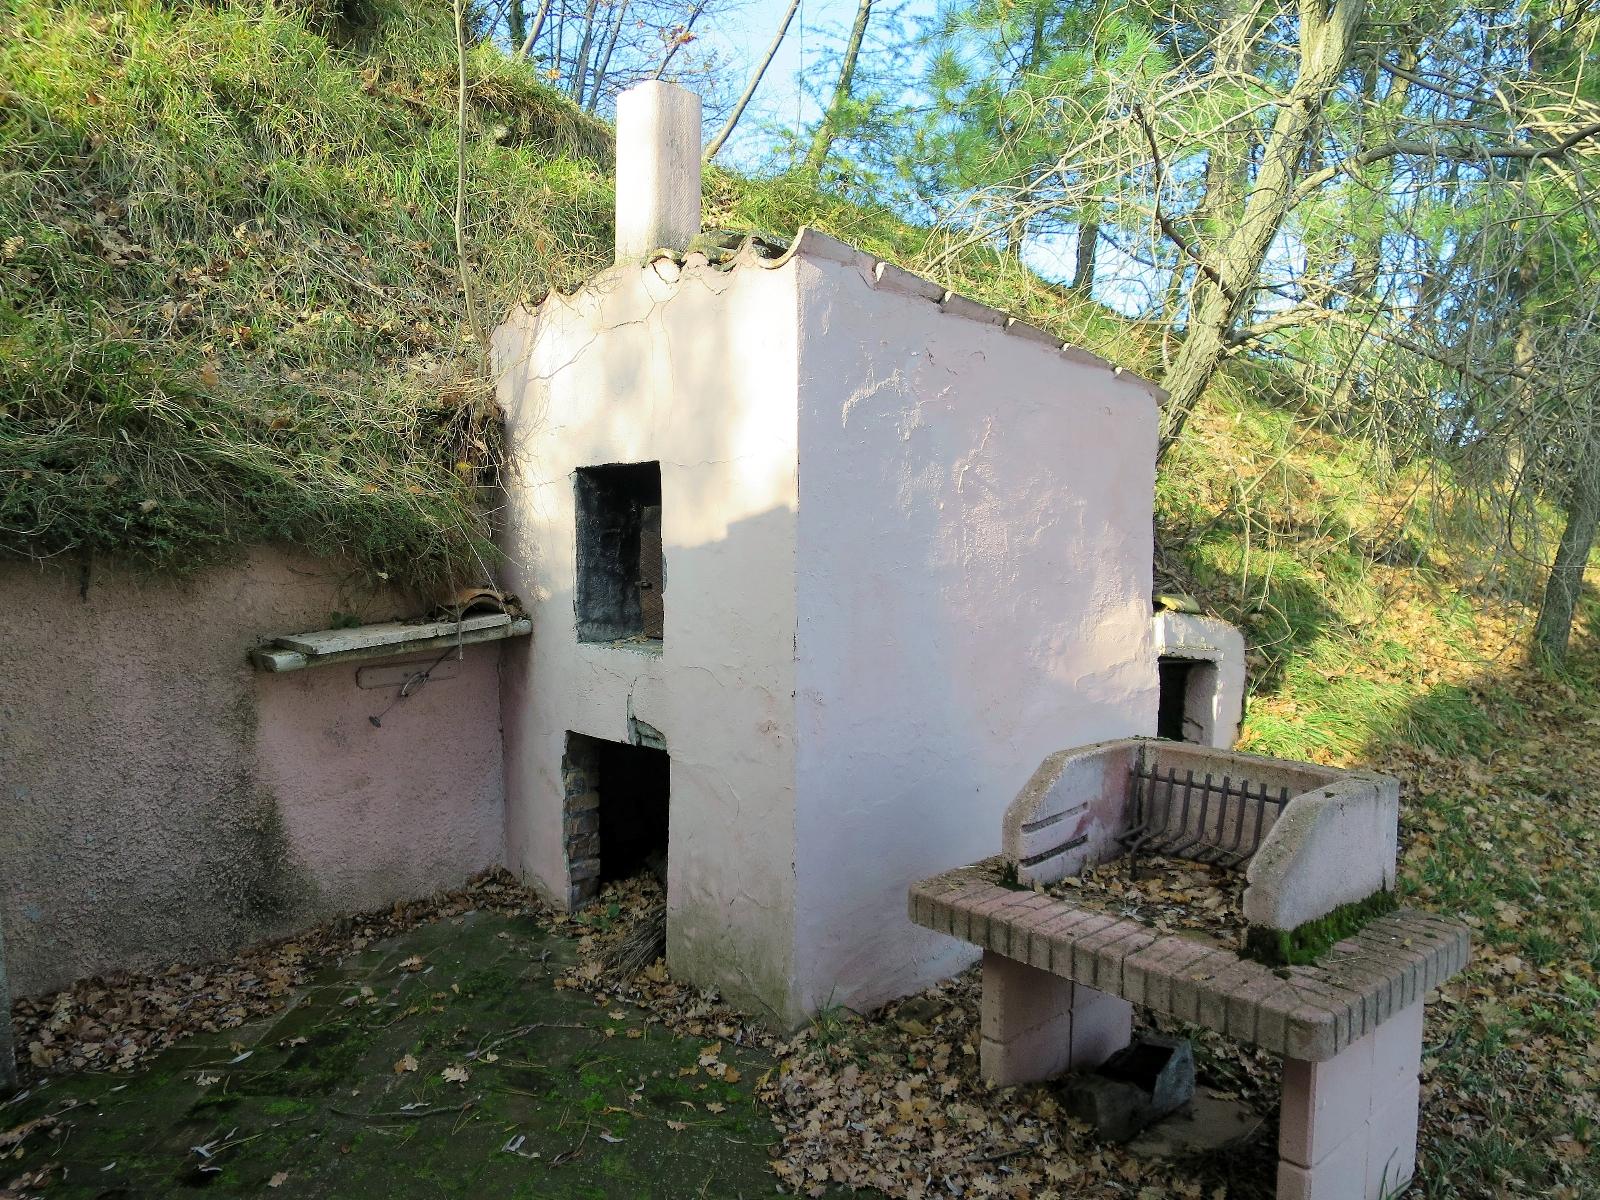 Country Houses Country Houses for sale Montebello di Bertona (PE), Casa Parco - Montebello di Bertona - EUR 195.521 520